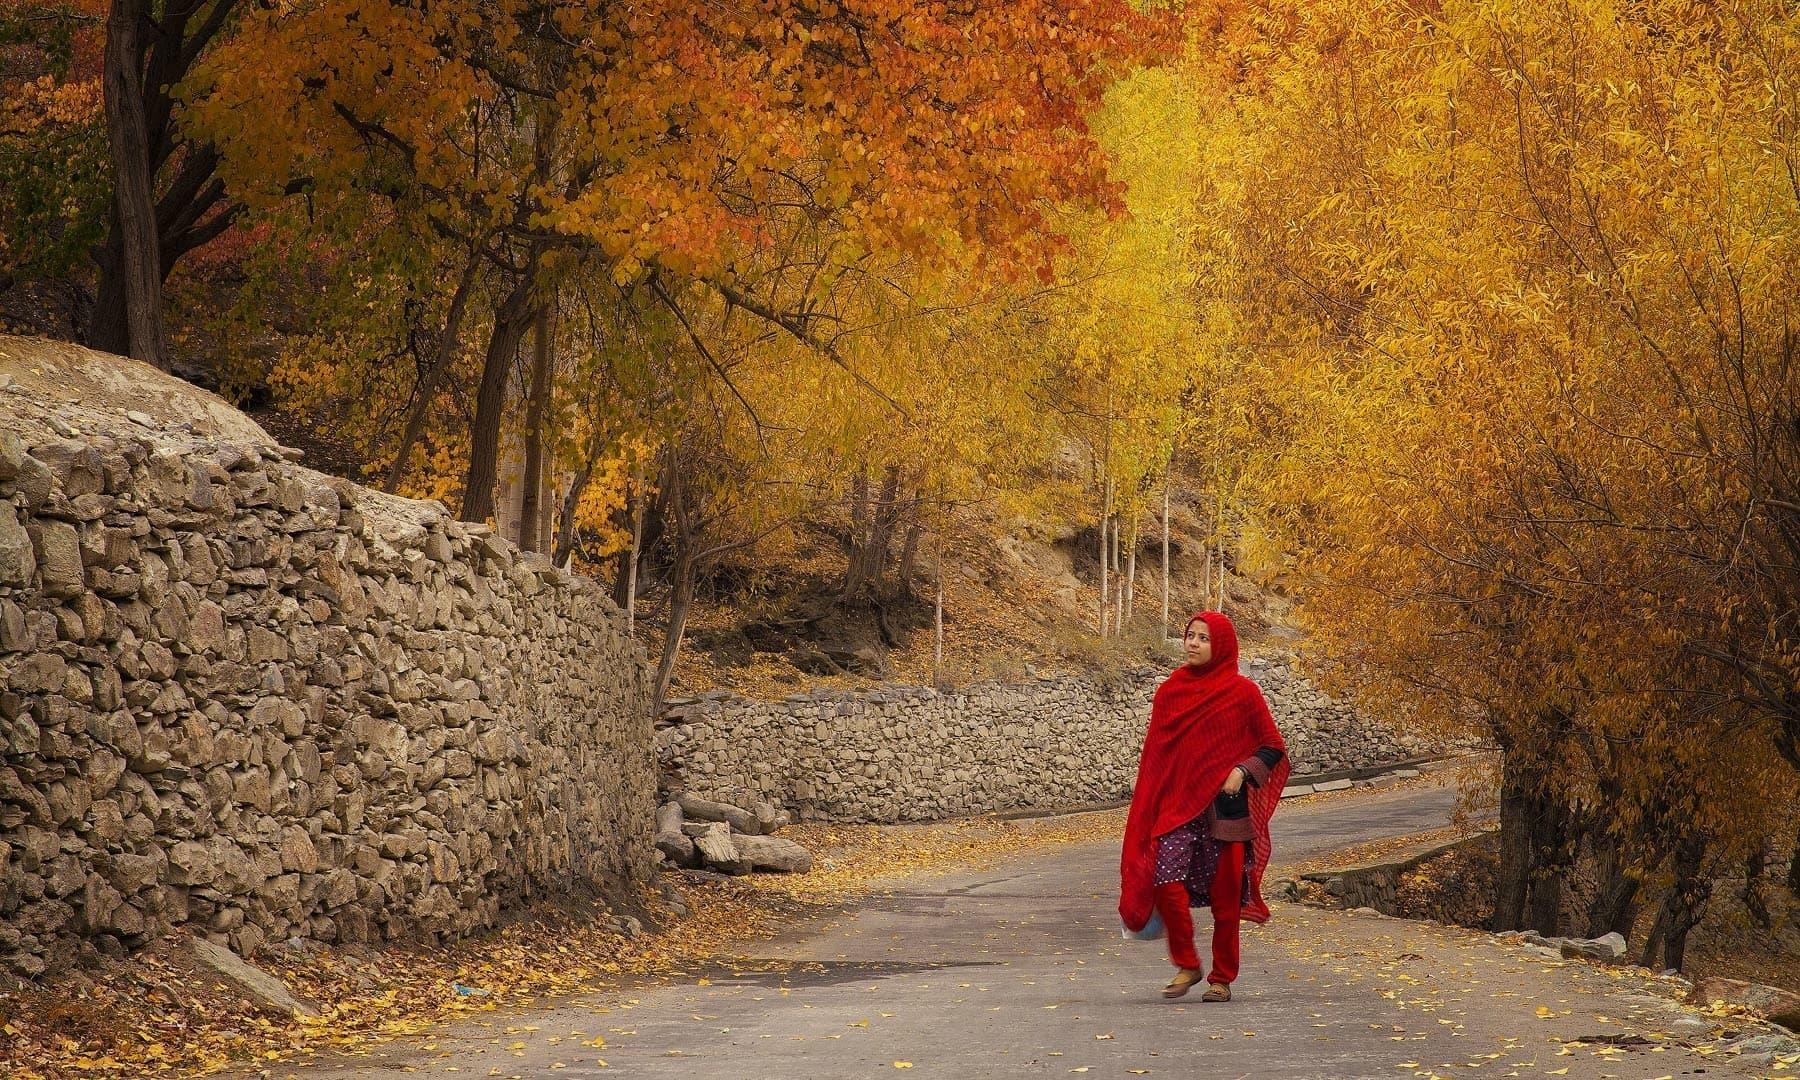 فوٹو بشکریہ سید مہدی بخاری